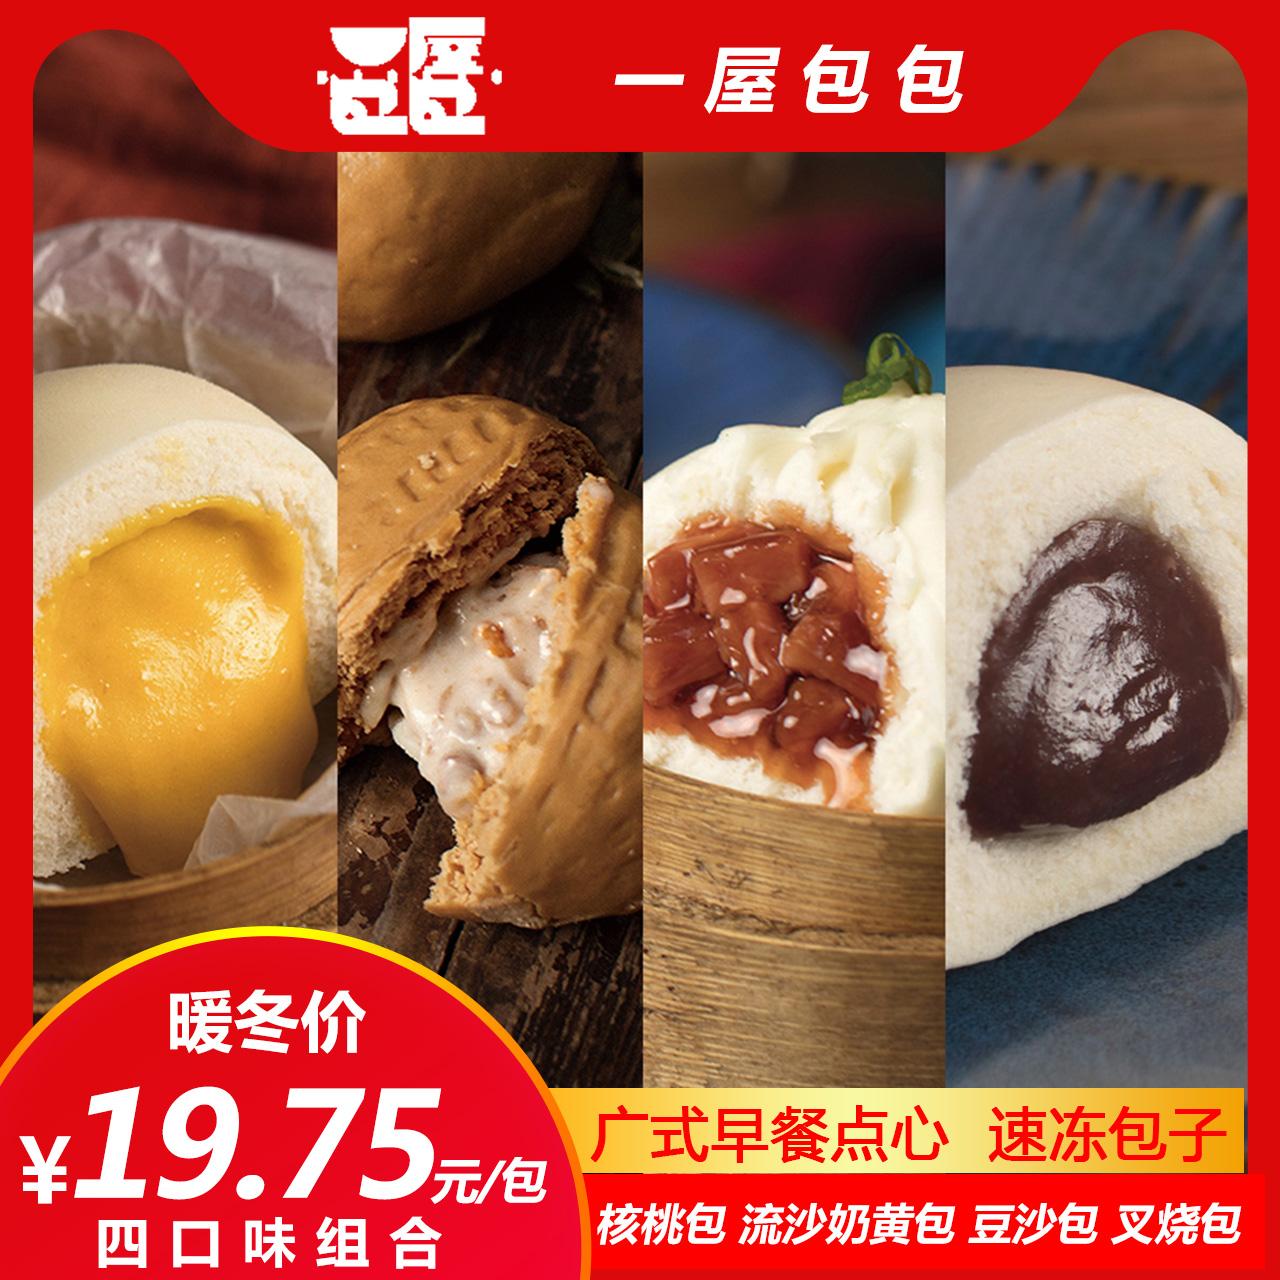 核桃流沙奶黄包豆沙酱肉叉烧包子早餐速冻包子冷冻小包子速食36个